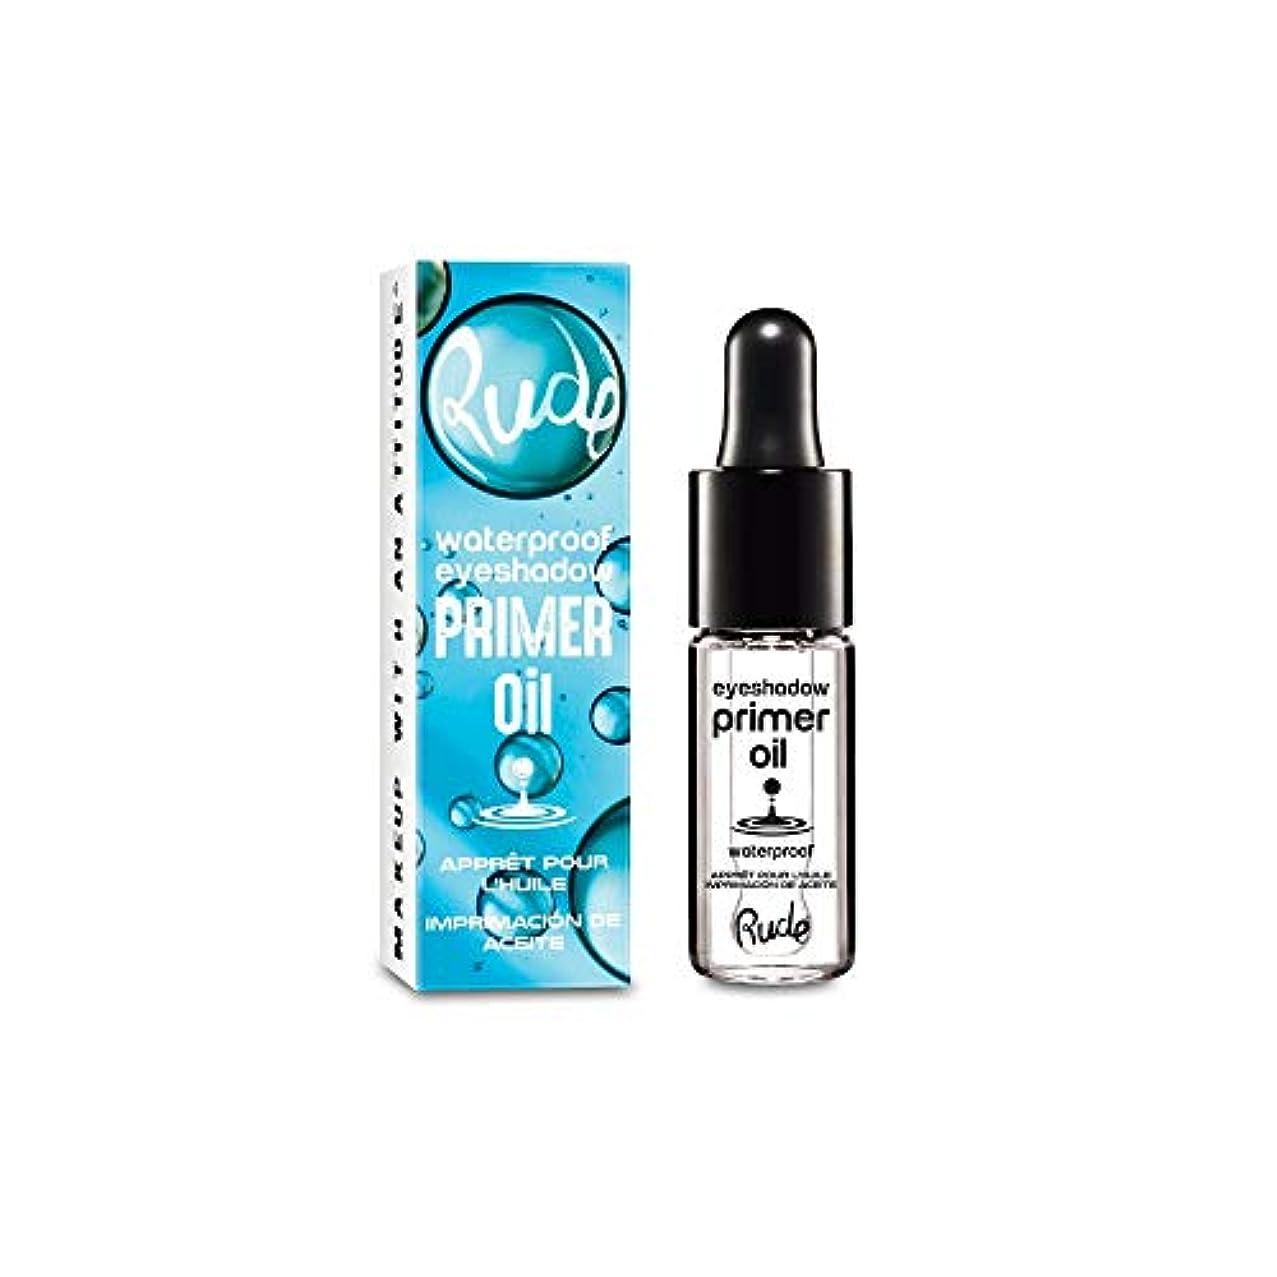 中止しますしなやかメッセンジャー(6 Pack) RUDE Waterproof Eyeshadow Primer Oil (並行輸入品)